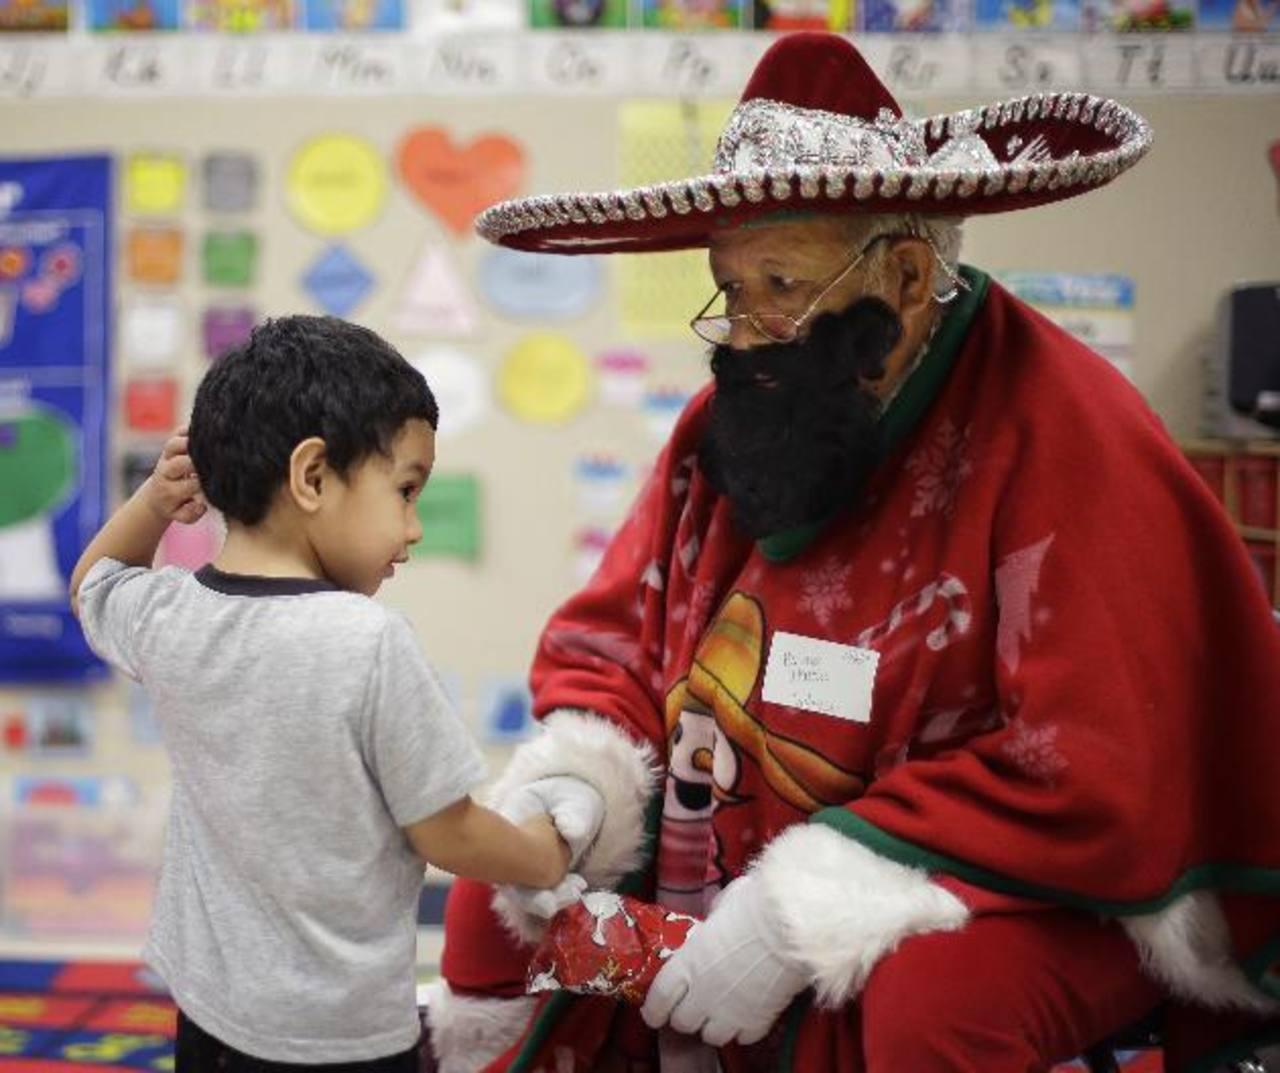 Rudy Martínez, conocido como Pancho Claus, visita a los alumnos de la escuela primaria Knowlton en San Antonio, Texas. Foto/ AP